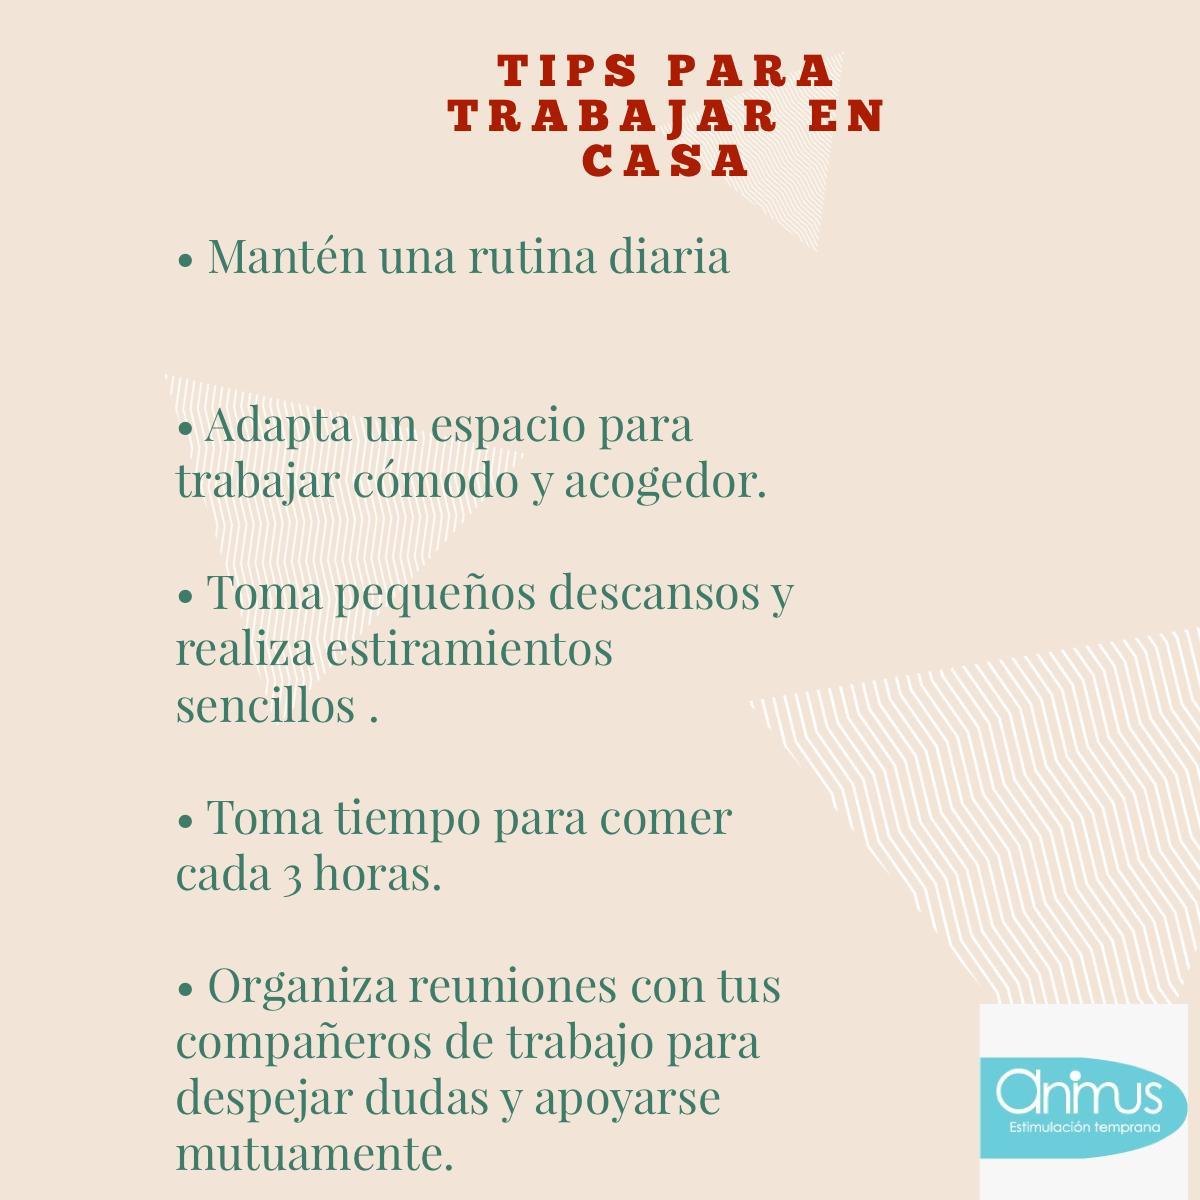 Tips para trabajar en casa